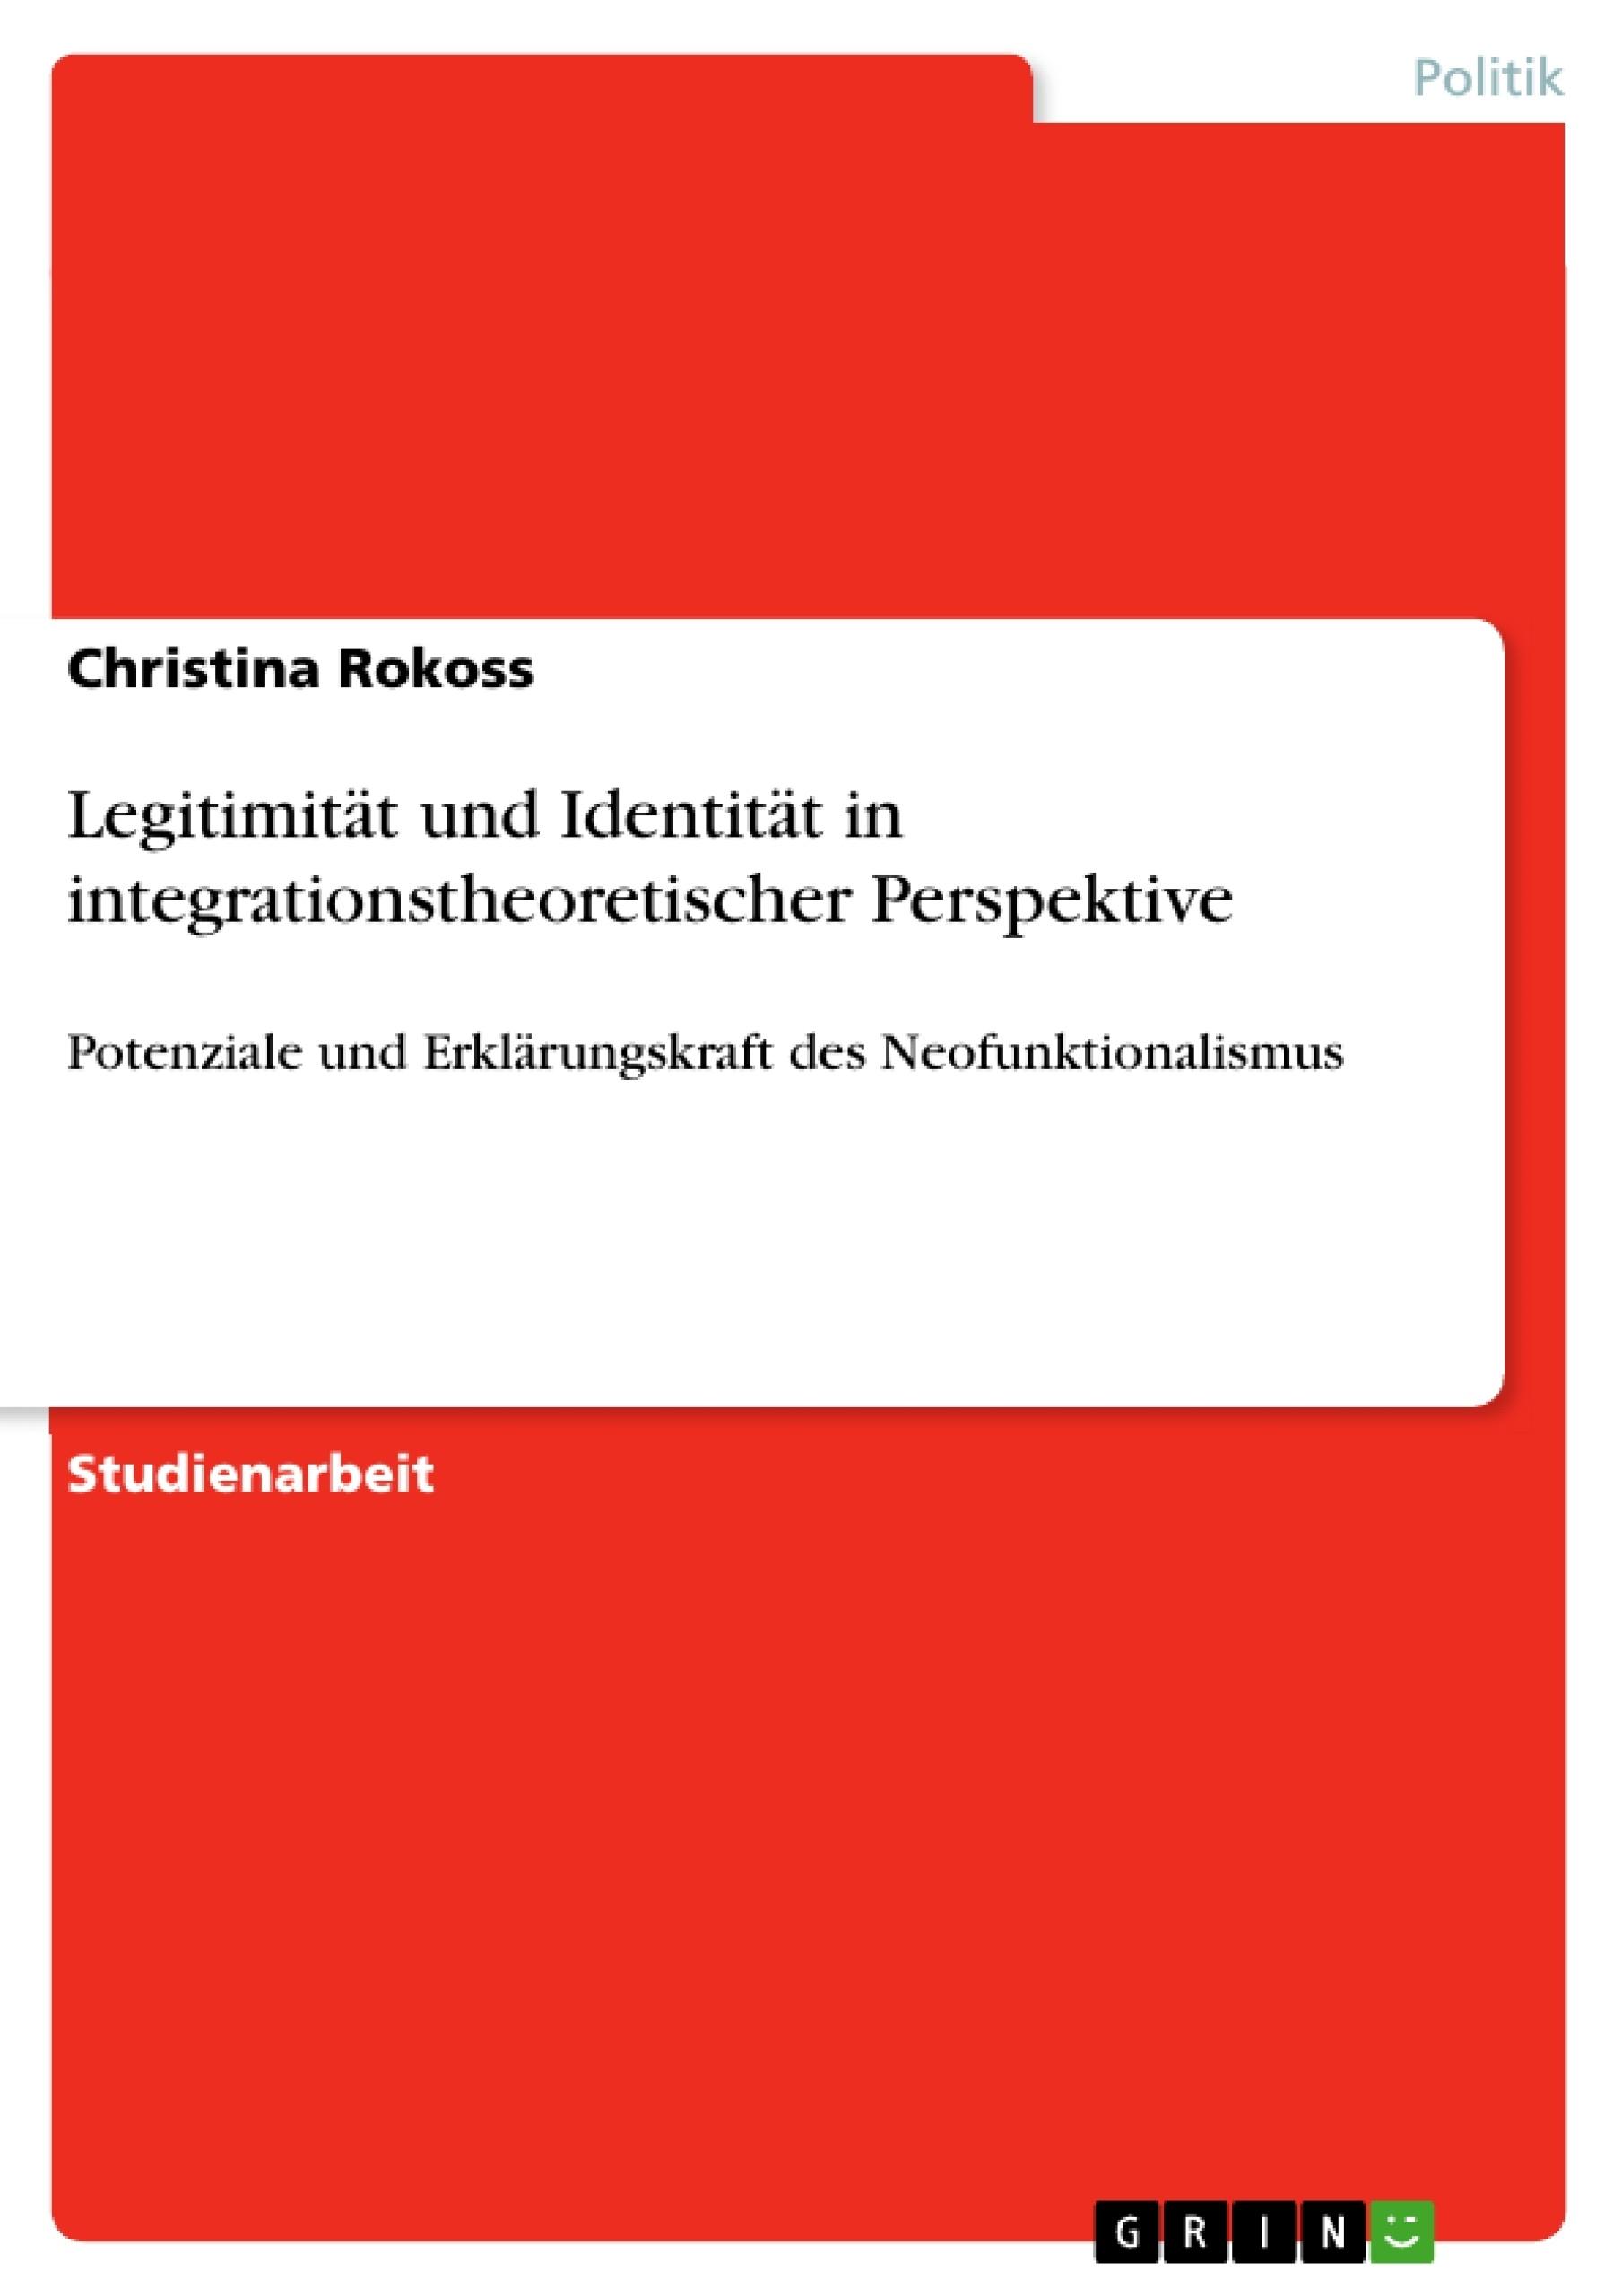 Titel: Legitimität und Identität in  integrationstheoretischer  Perspektive